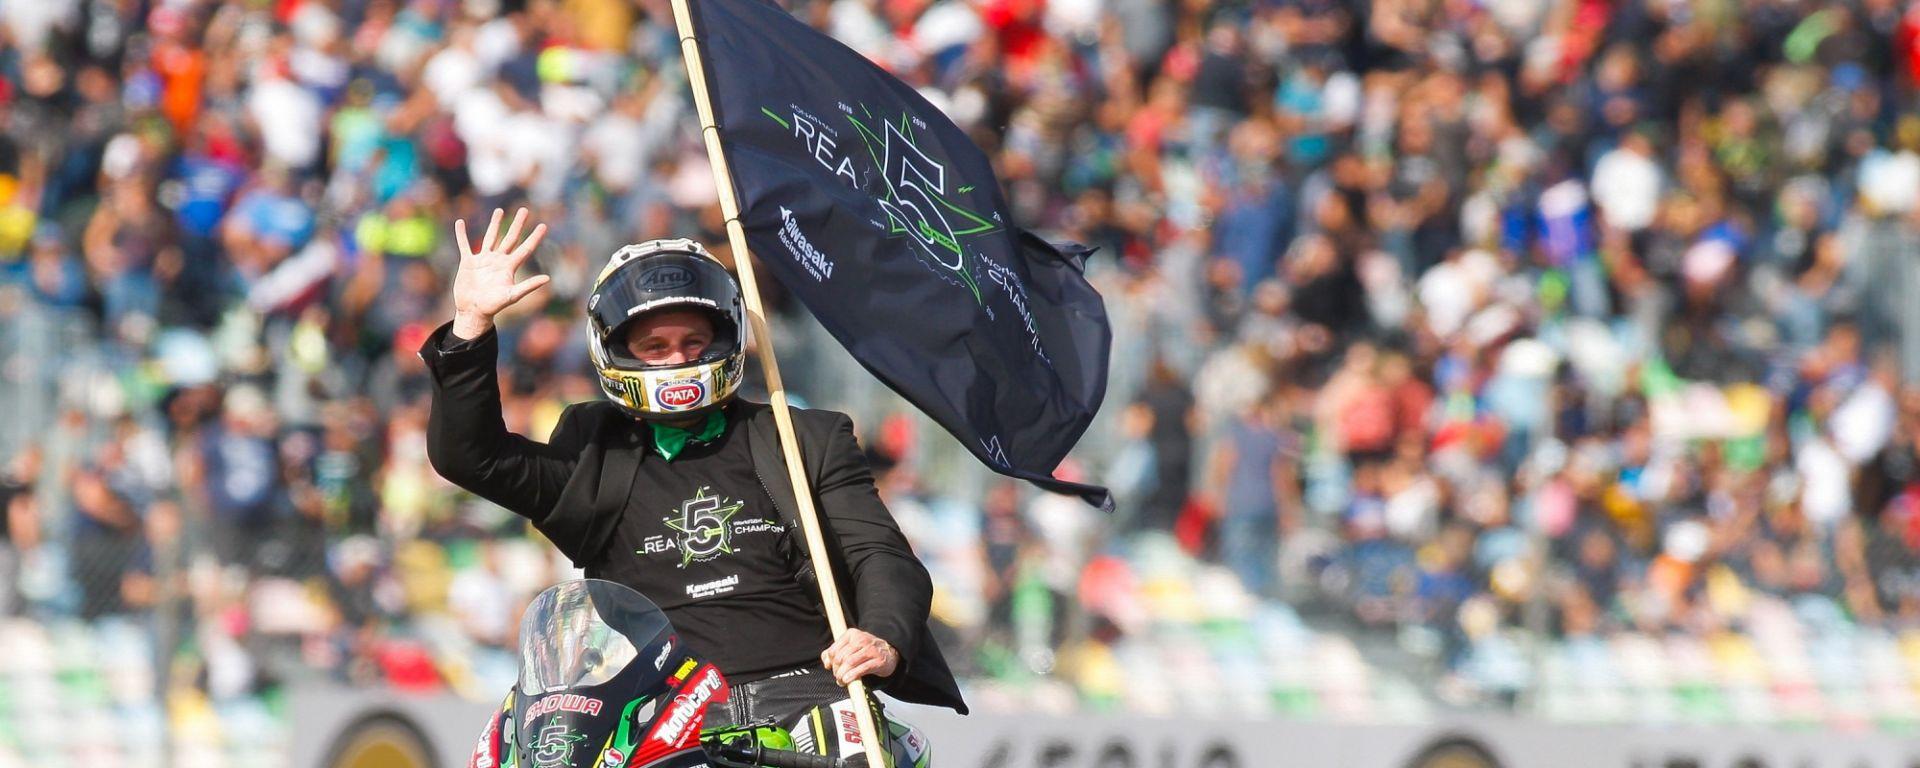 Rea (Kawasaki) festeggia il quinto titolo a Magny-Cours